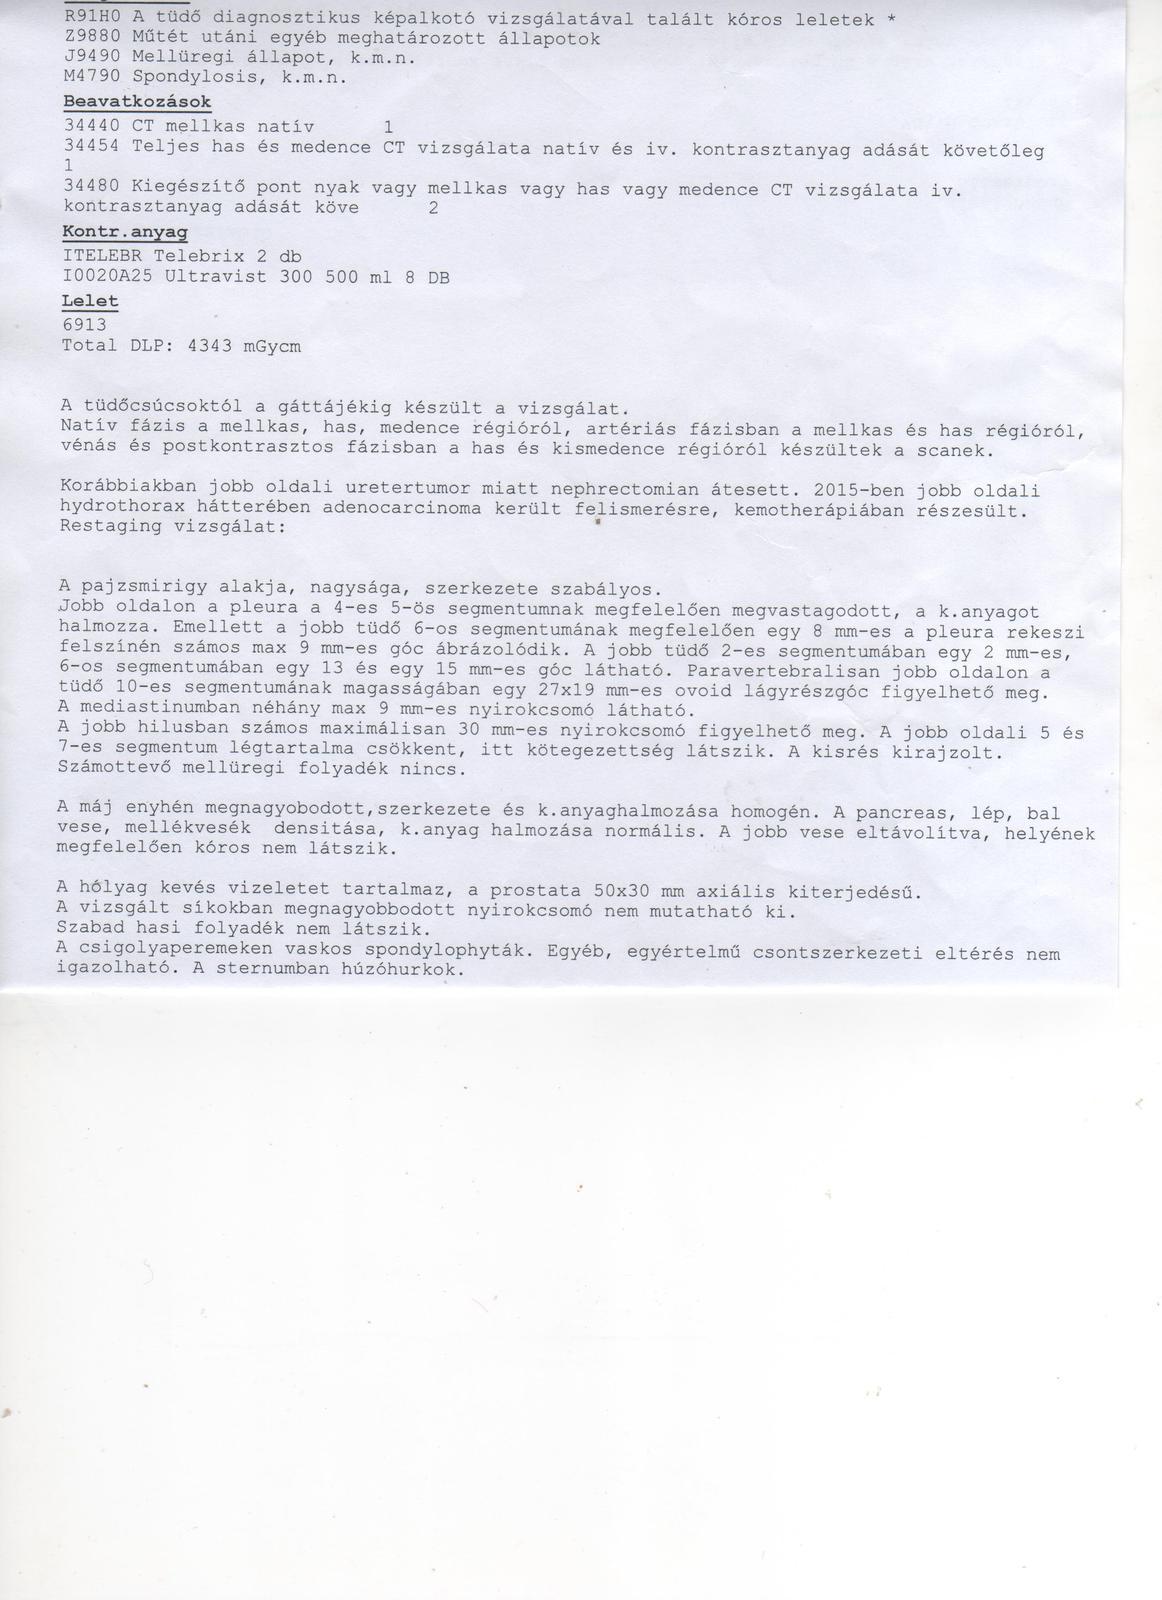 A prosztatarák malignus szintjének vizsgálata - Prosztatarák prosztata műtét